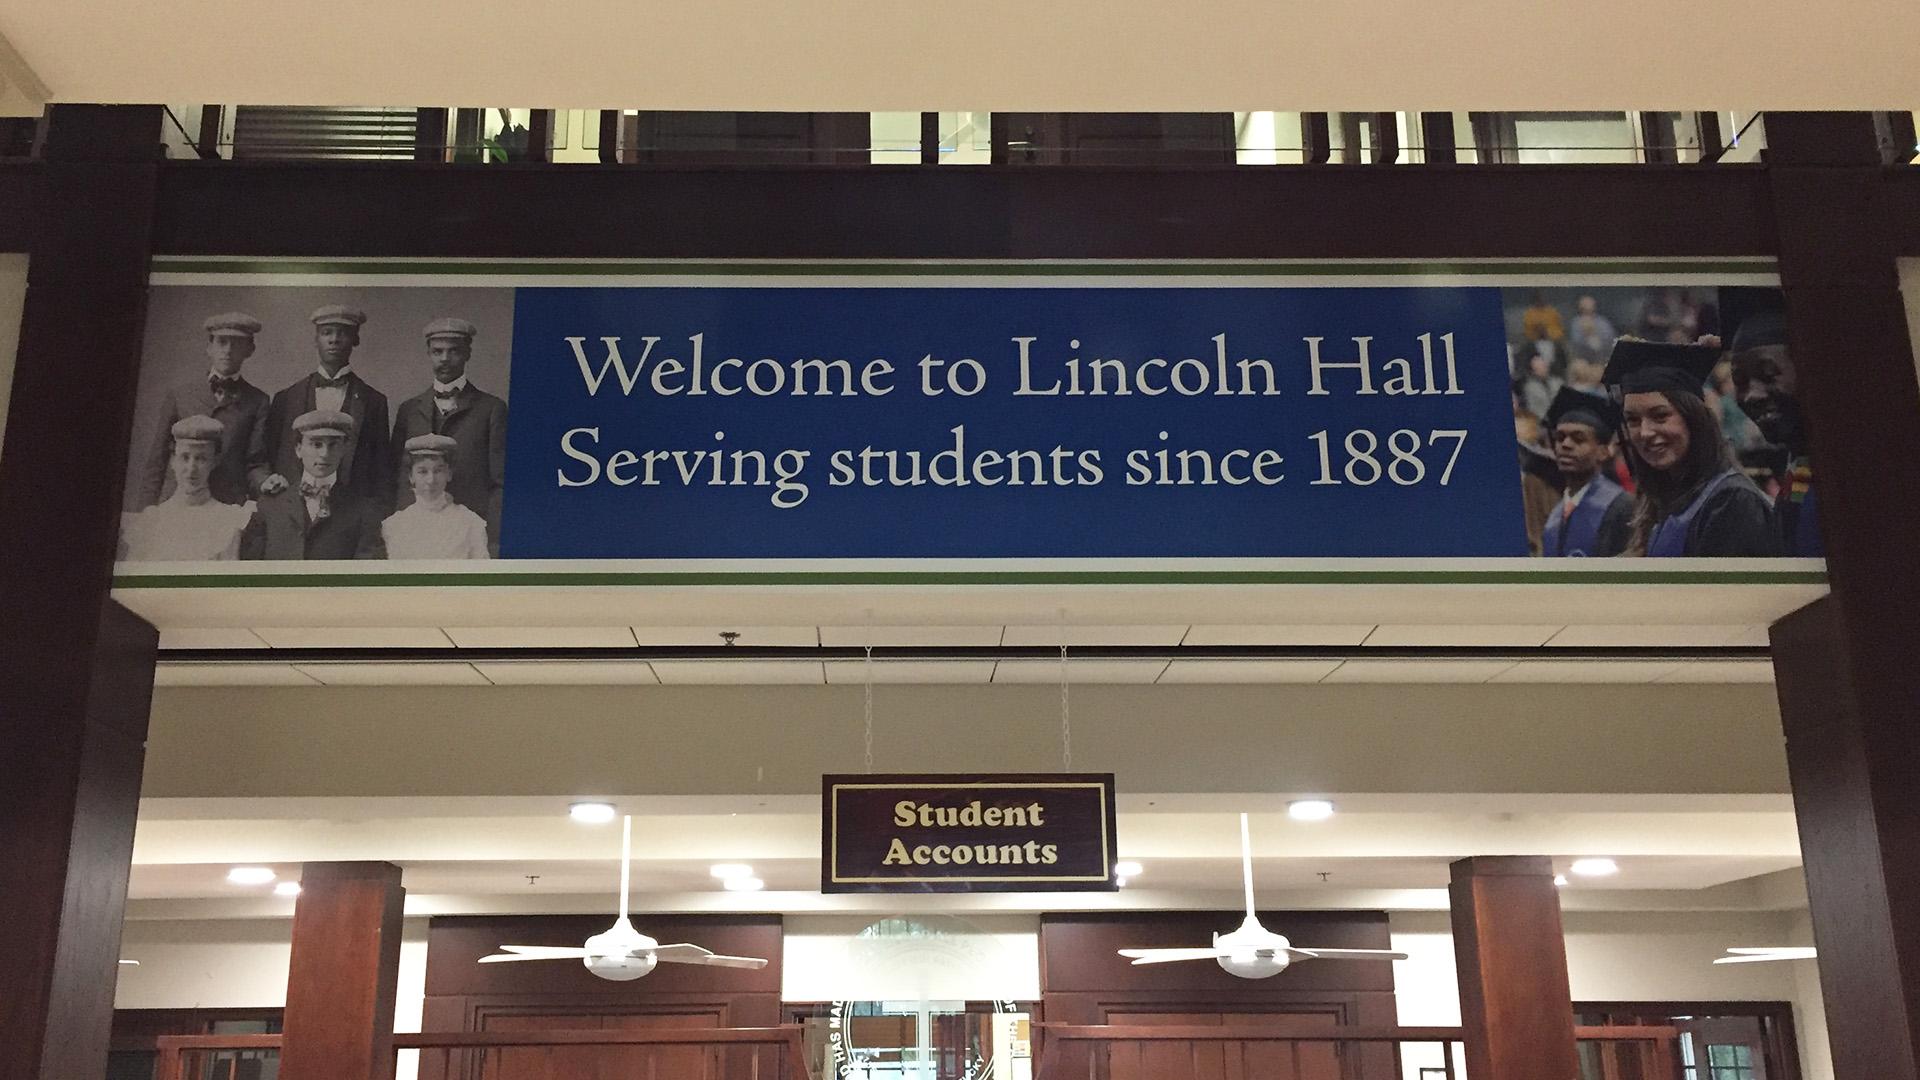 Lincoln Hall Wall design